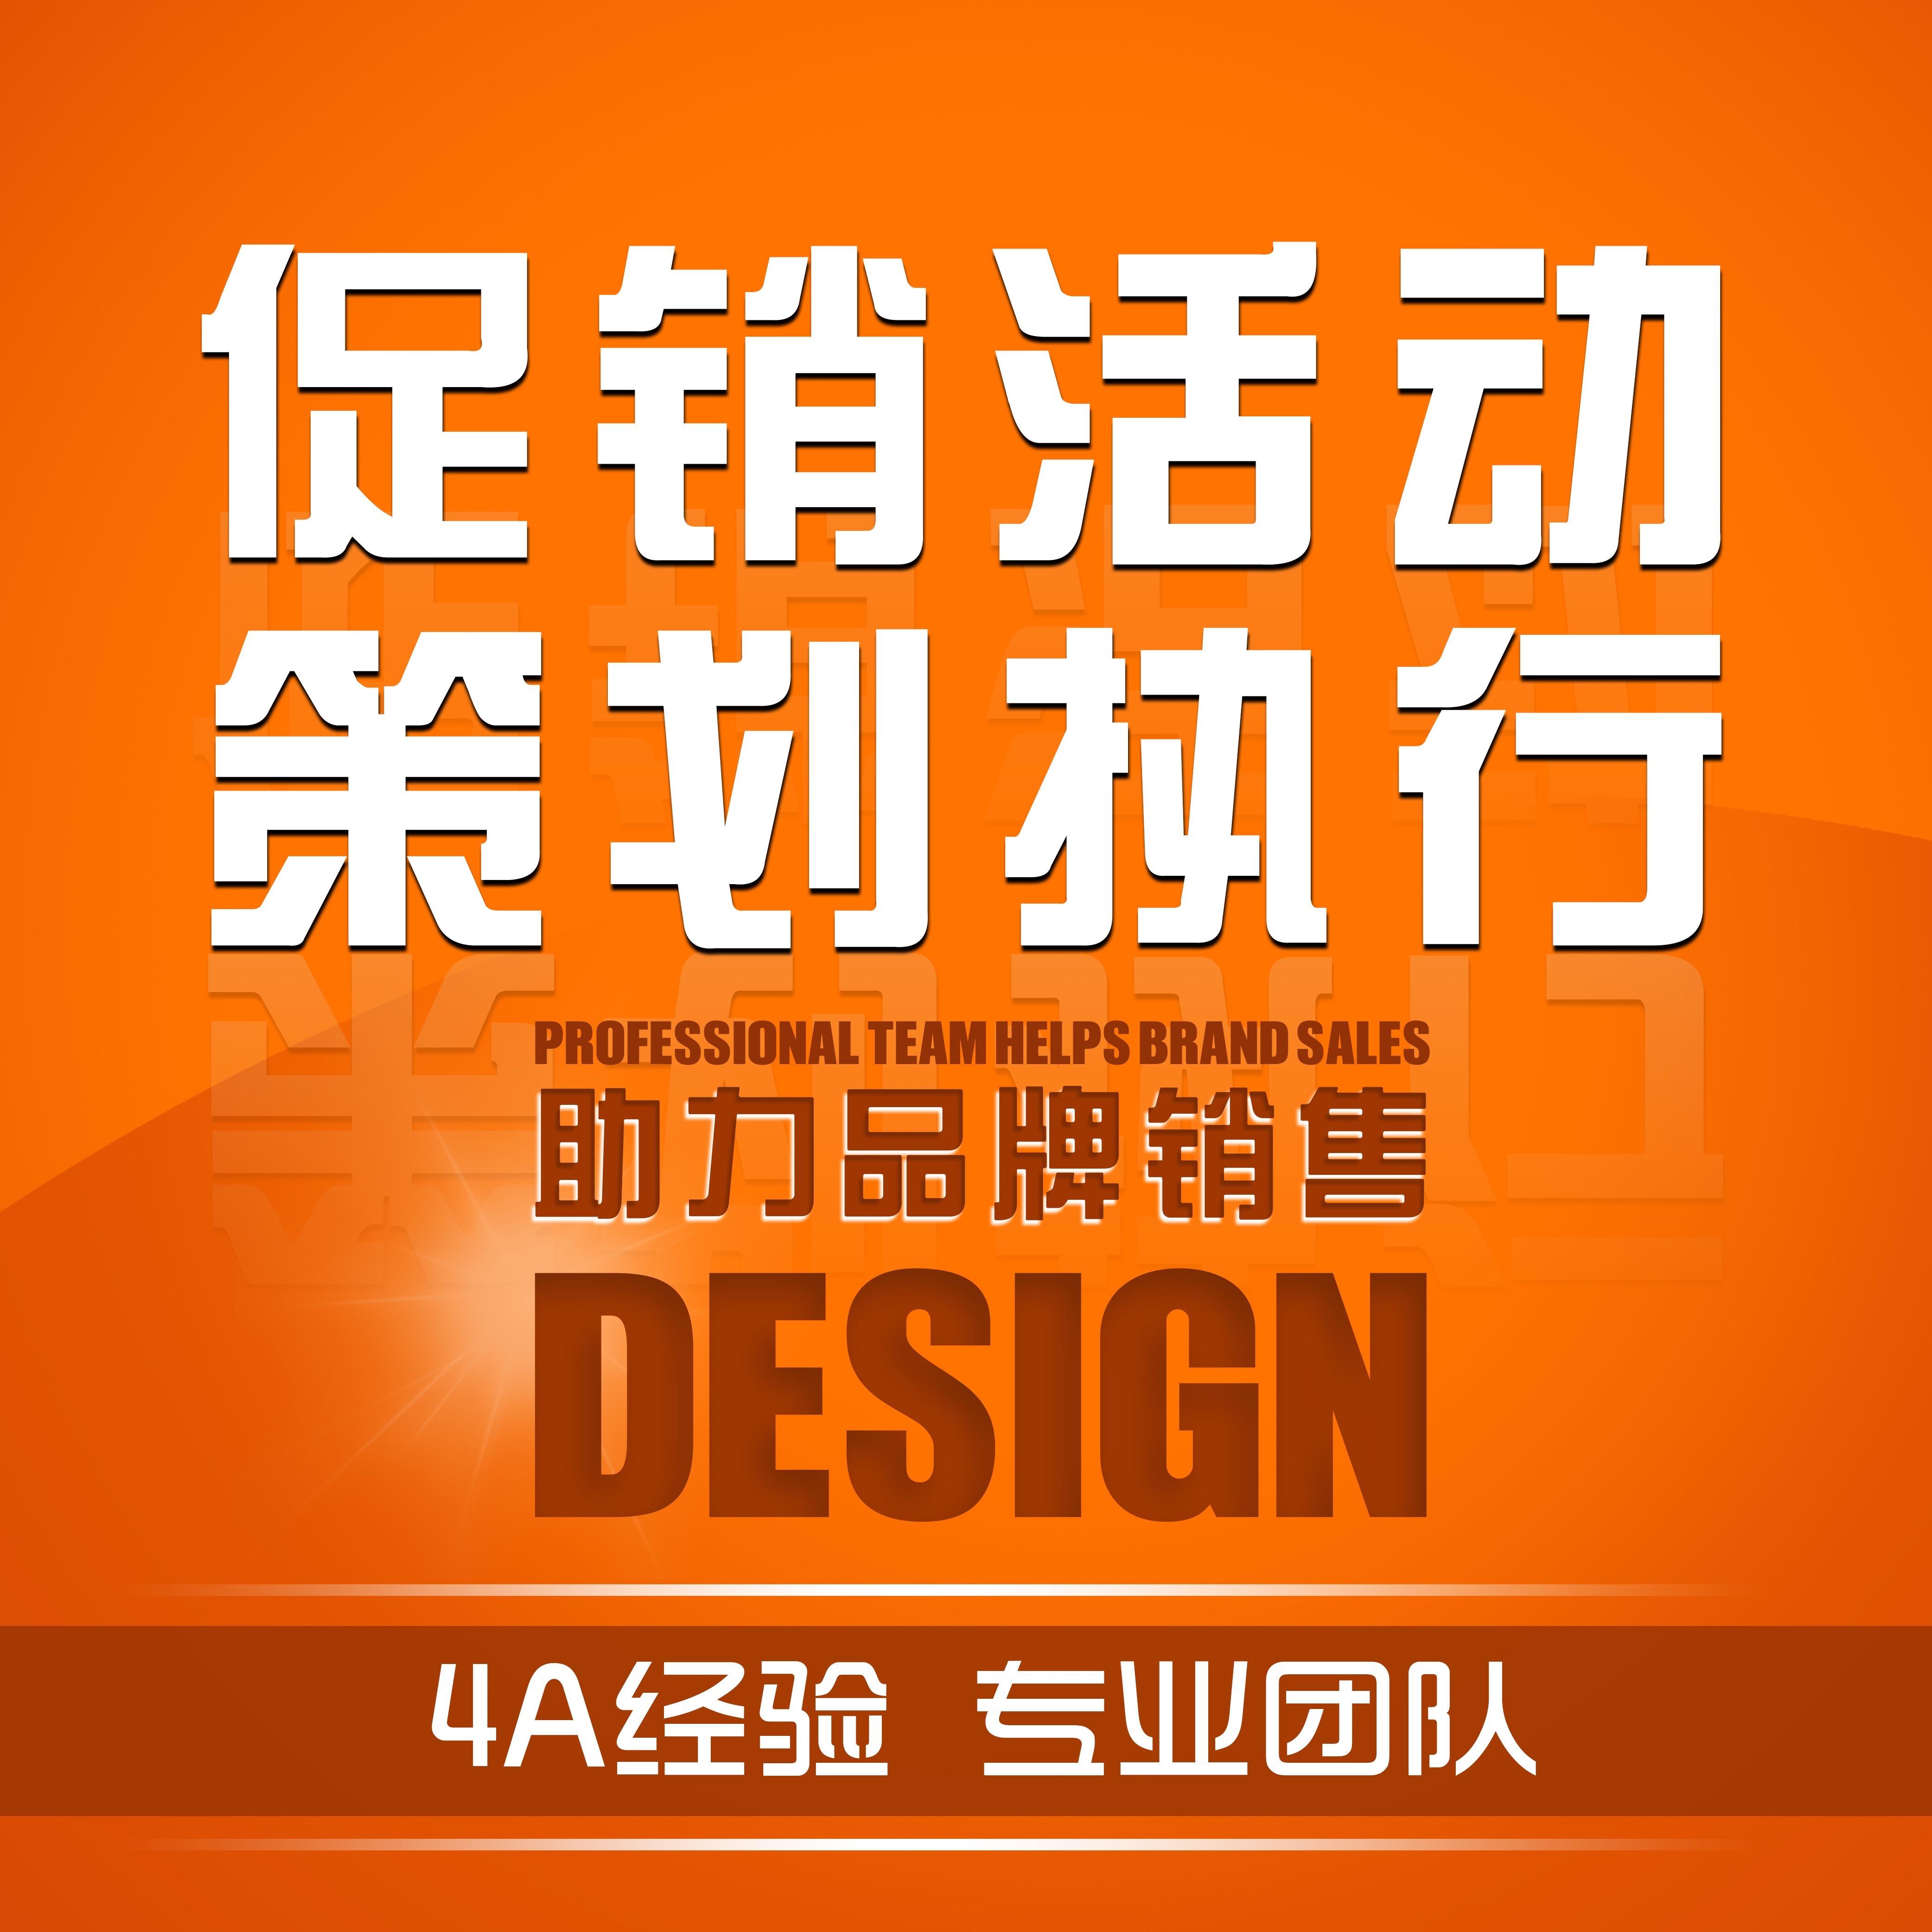 【主打服务】品牌促销活动策划执行促销活动方案撰写促销活动海报